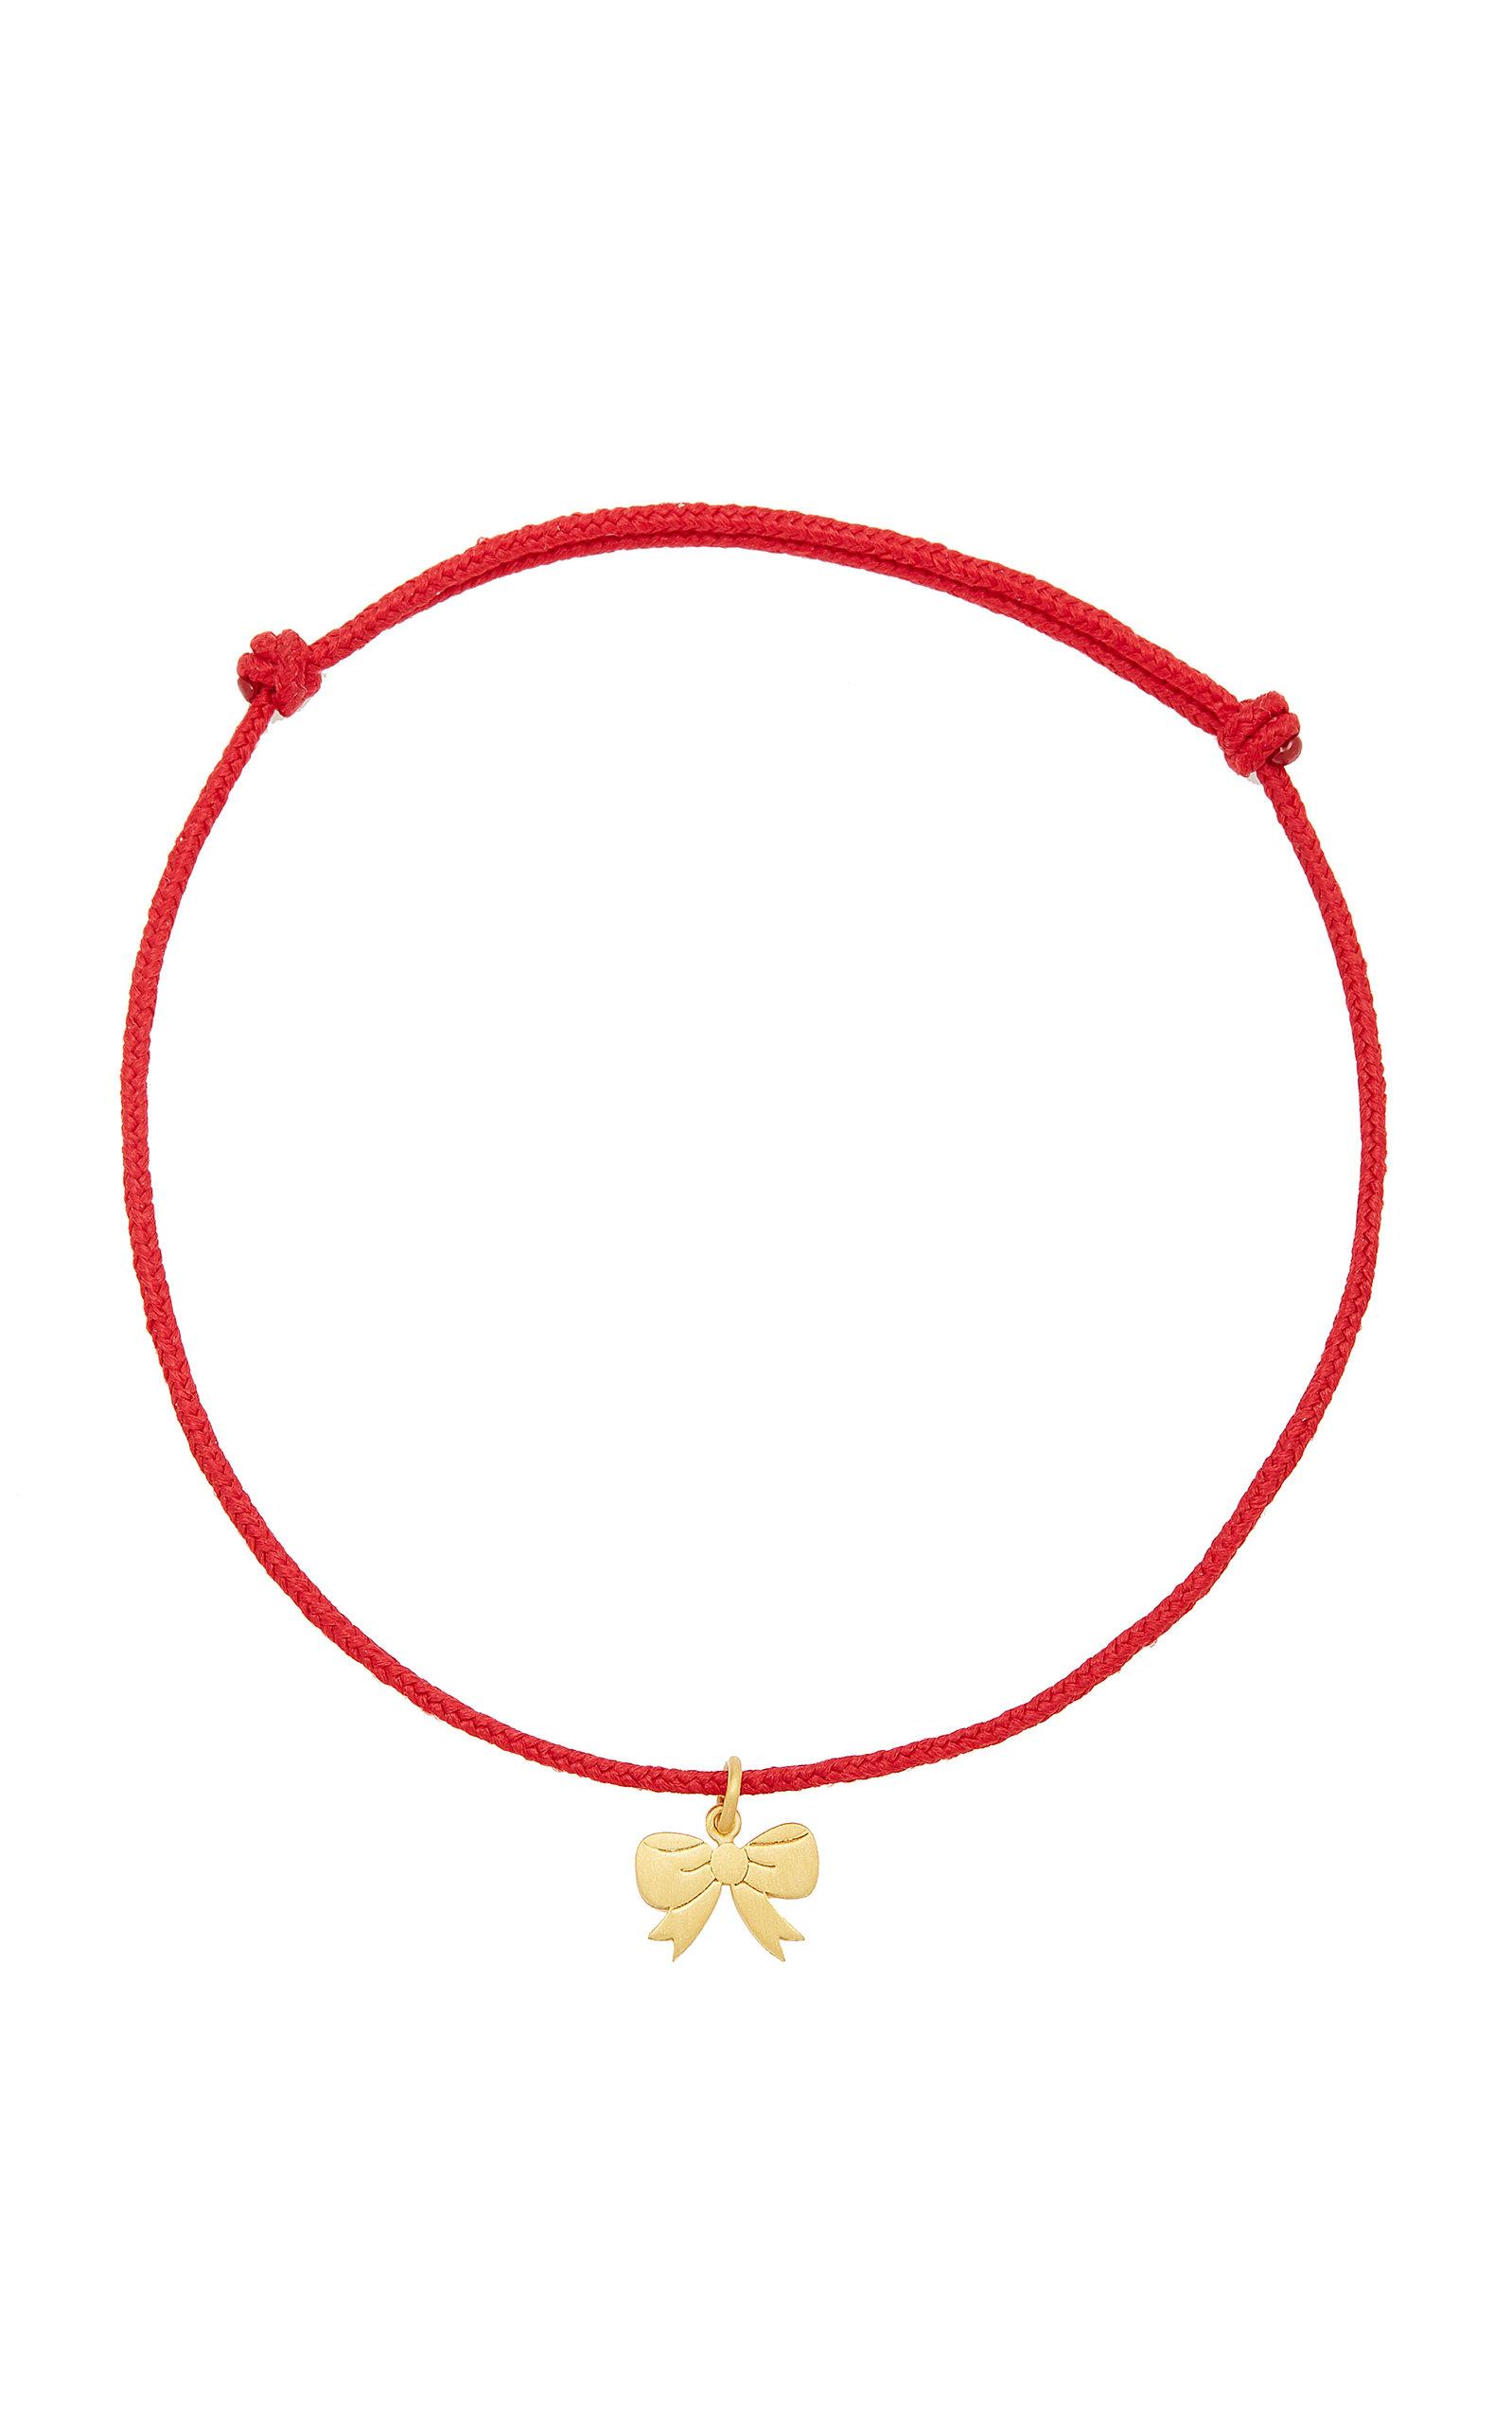 Women's 22K Gold Charm Bracelet